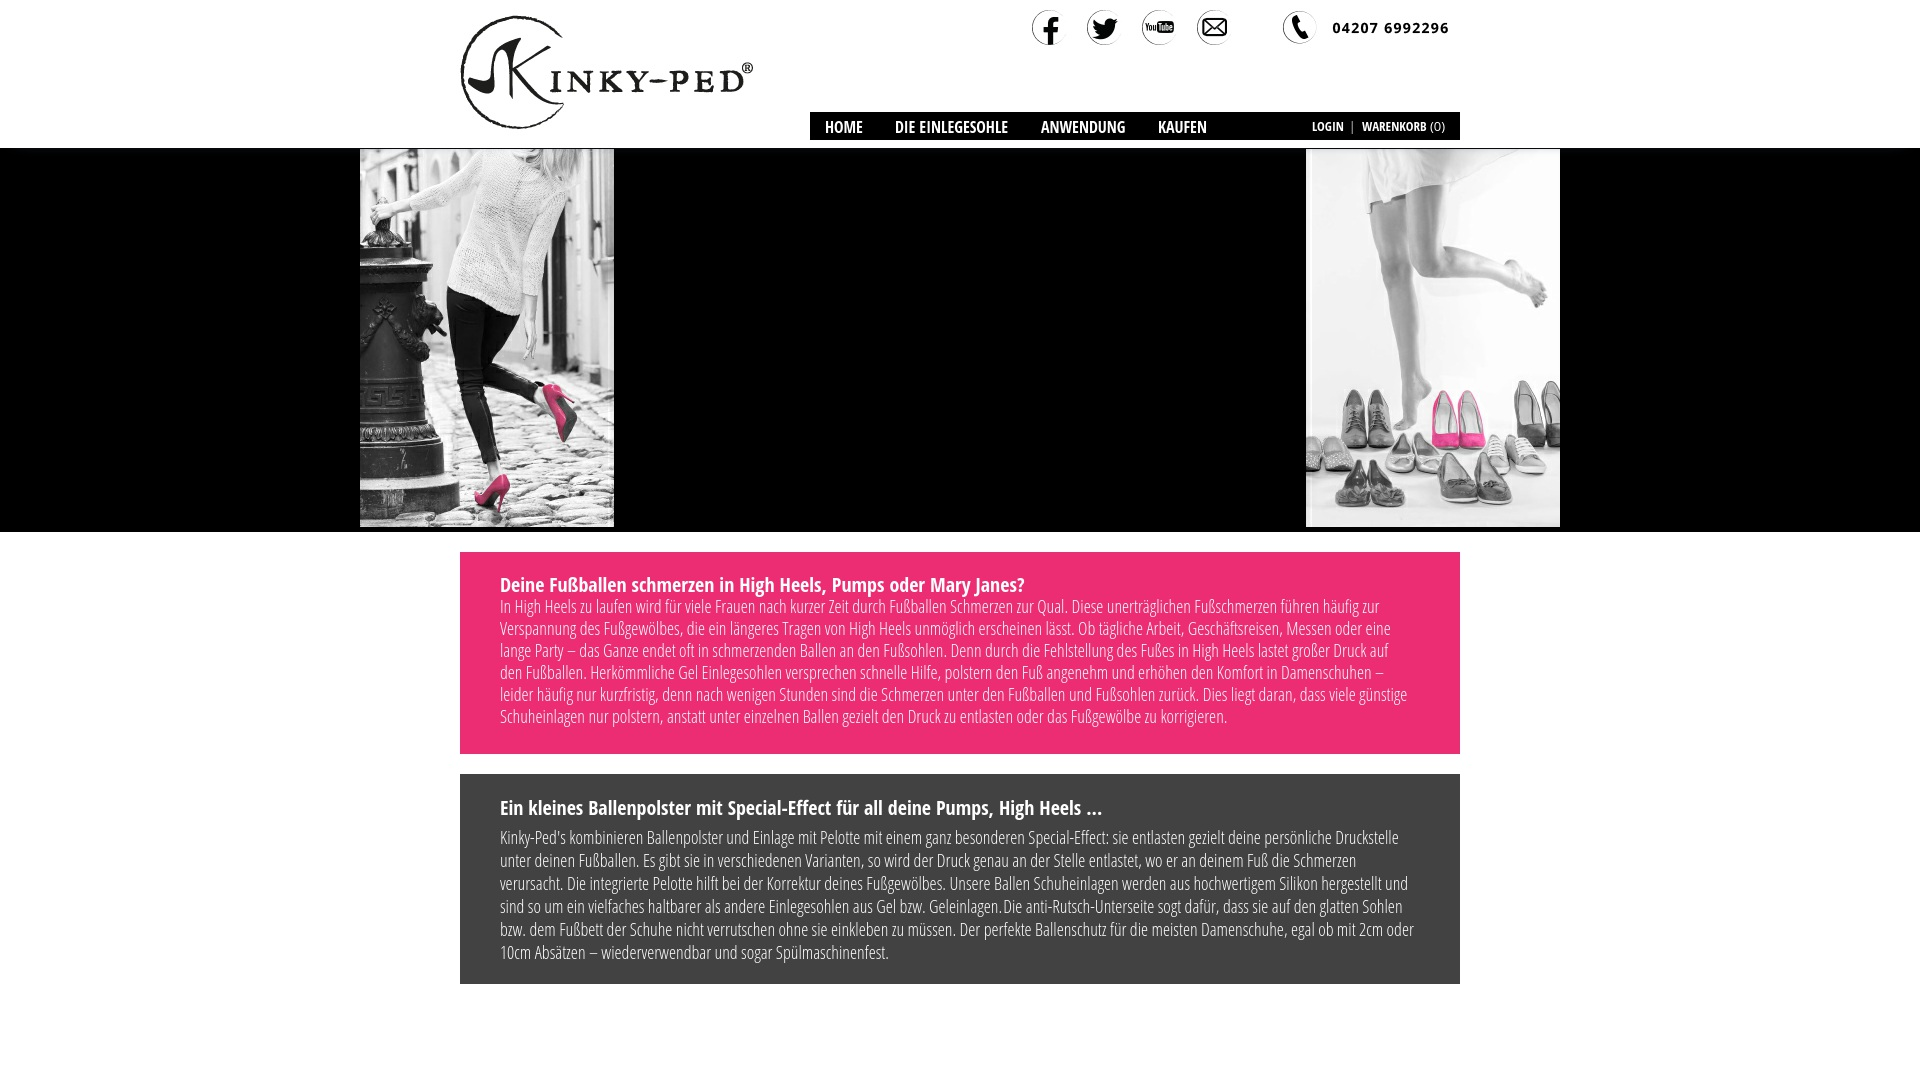 Gutschein für Kinky-ped: Rabatte für  Kinky-ped sichern